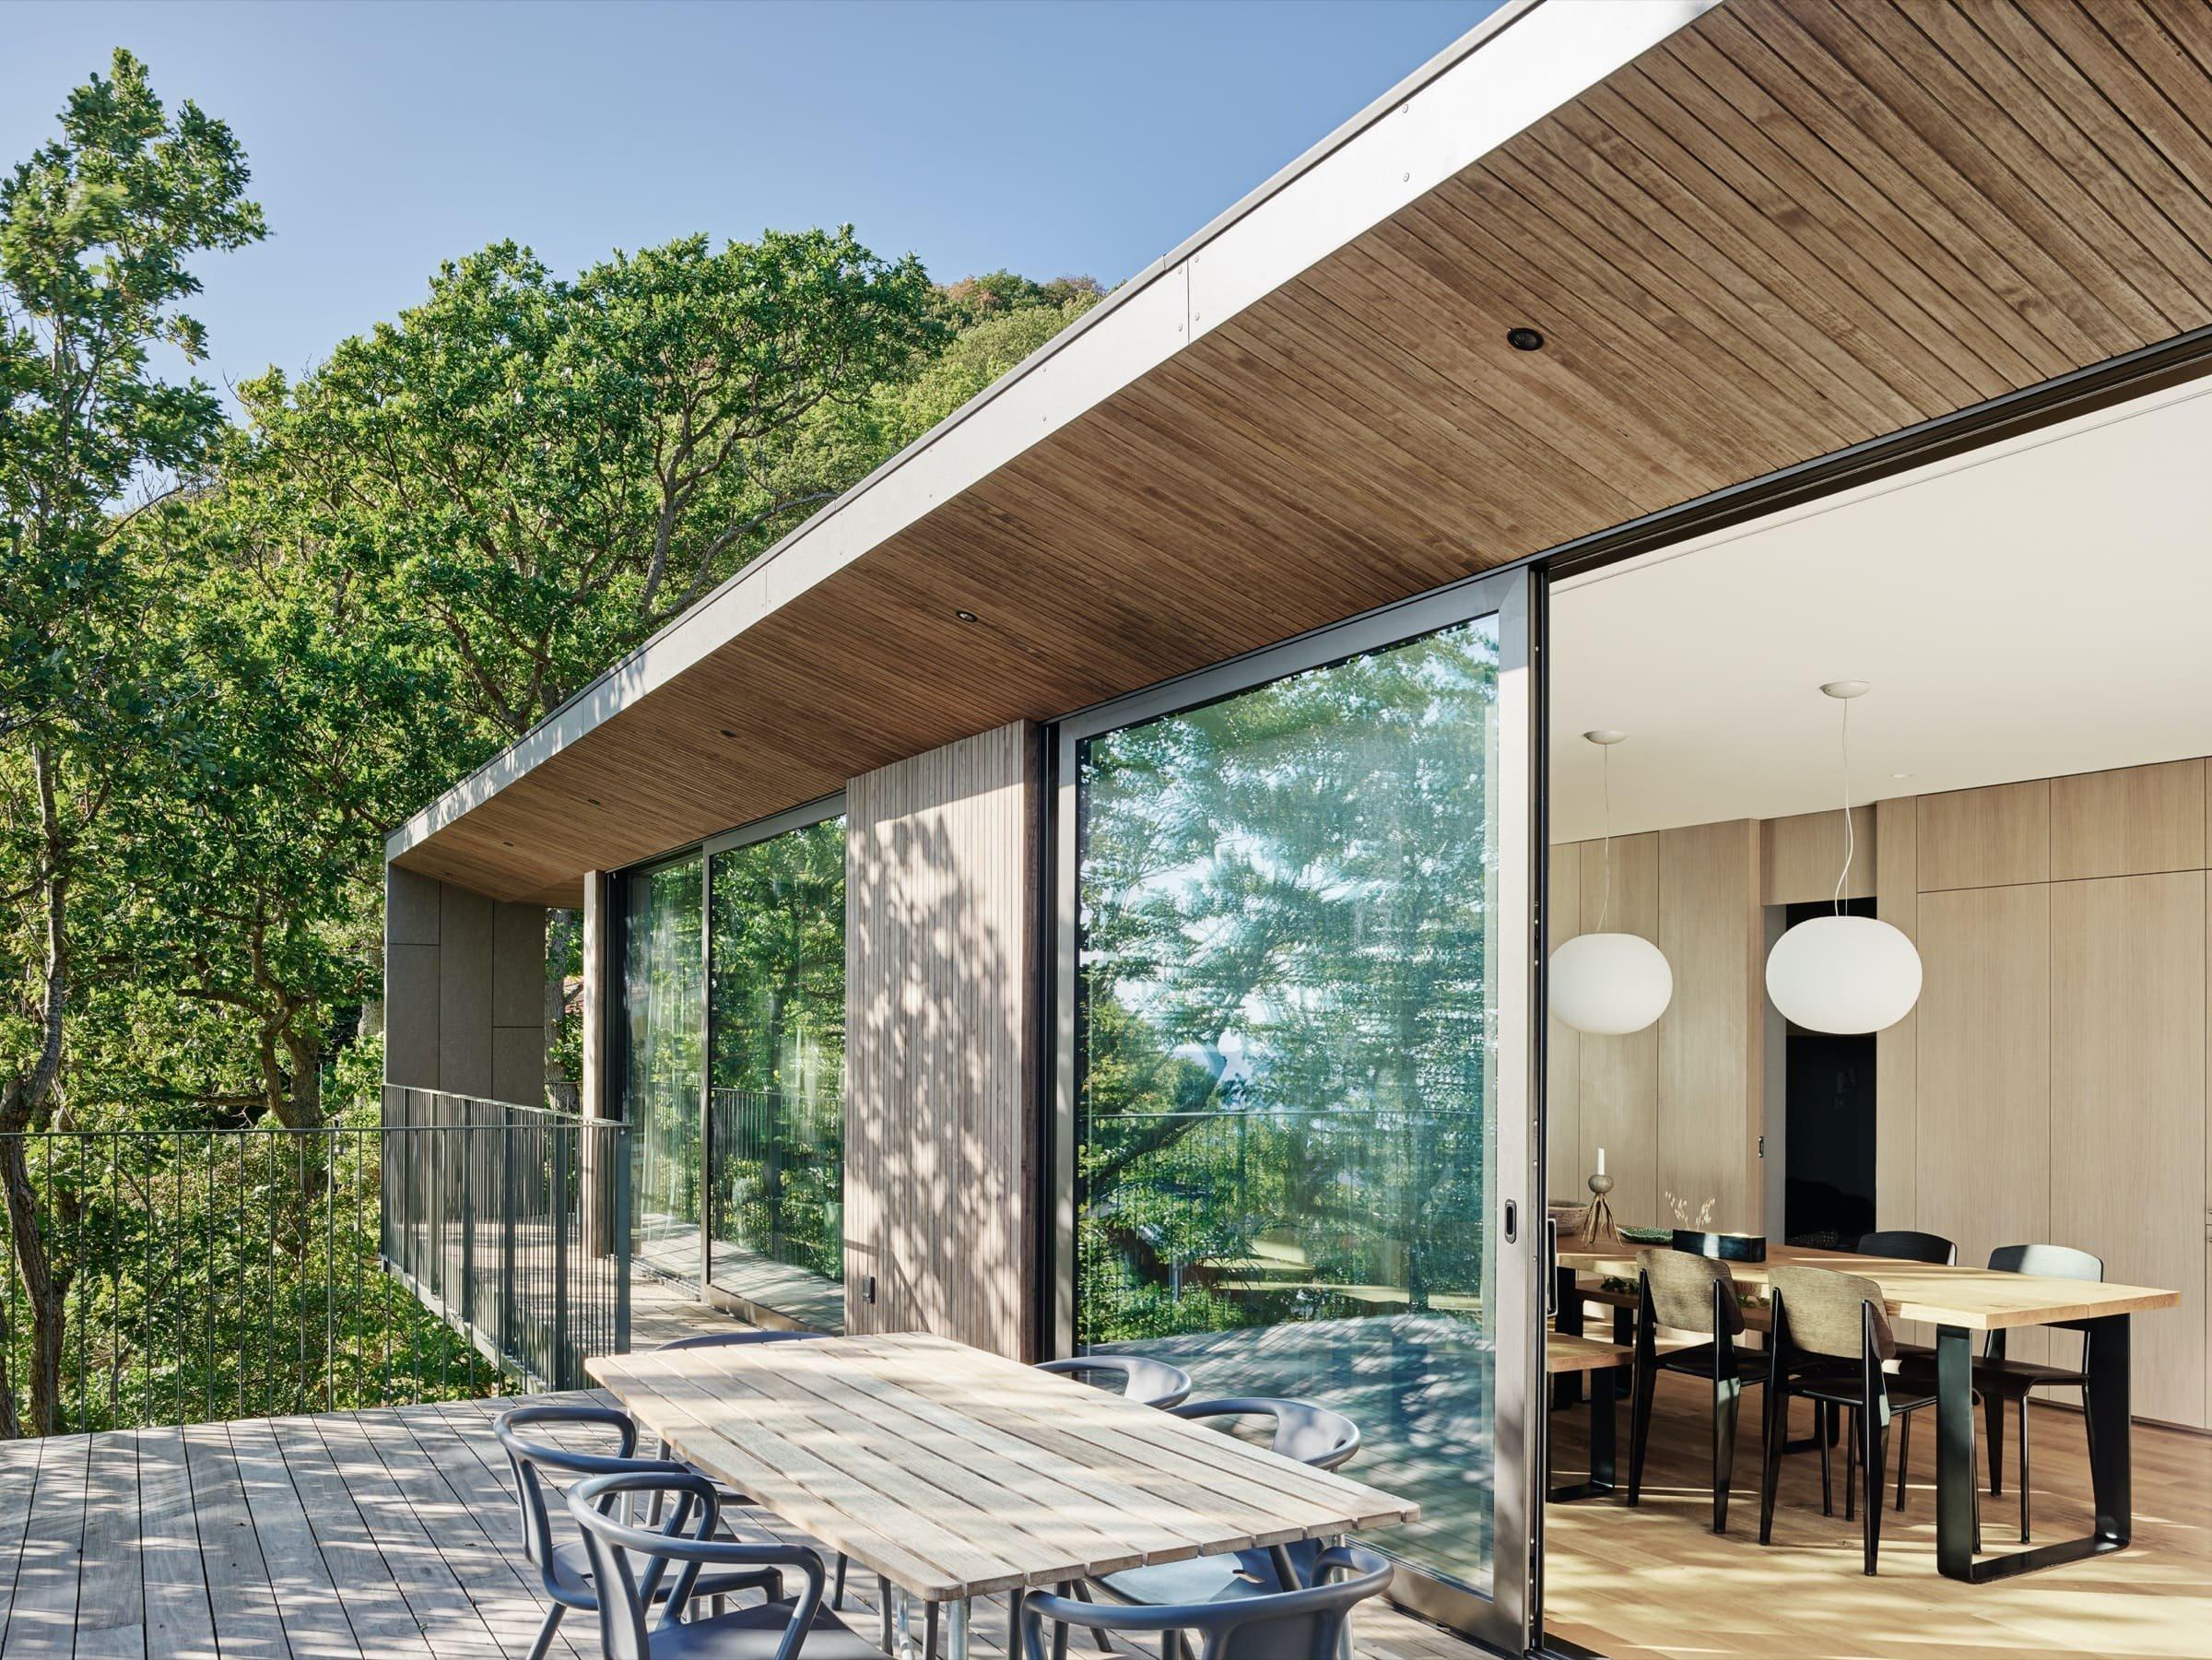 Terasa s výhledem do korun stromů slouží jako venkovní jídelna